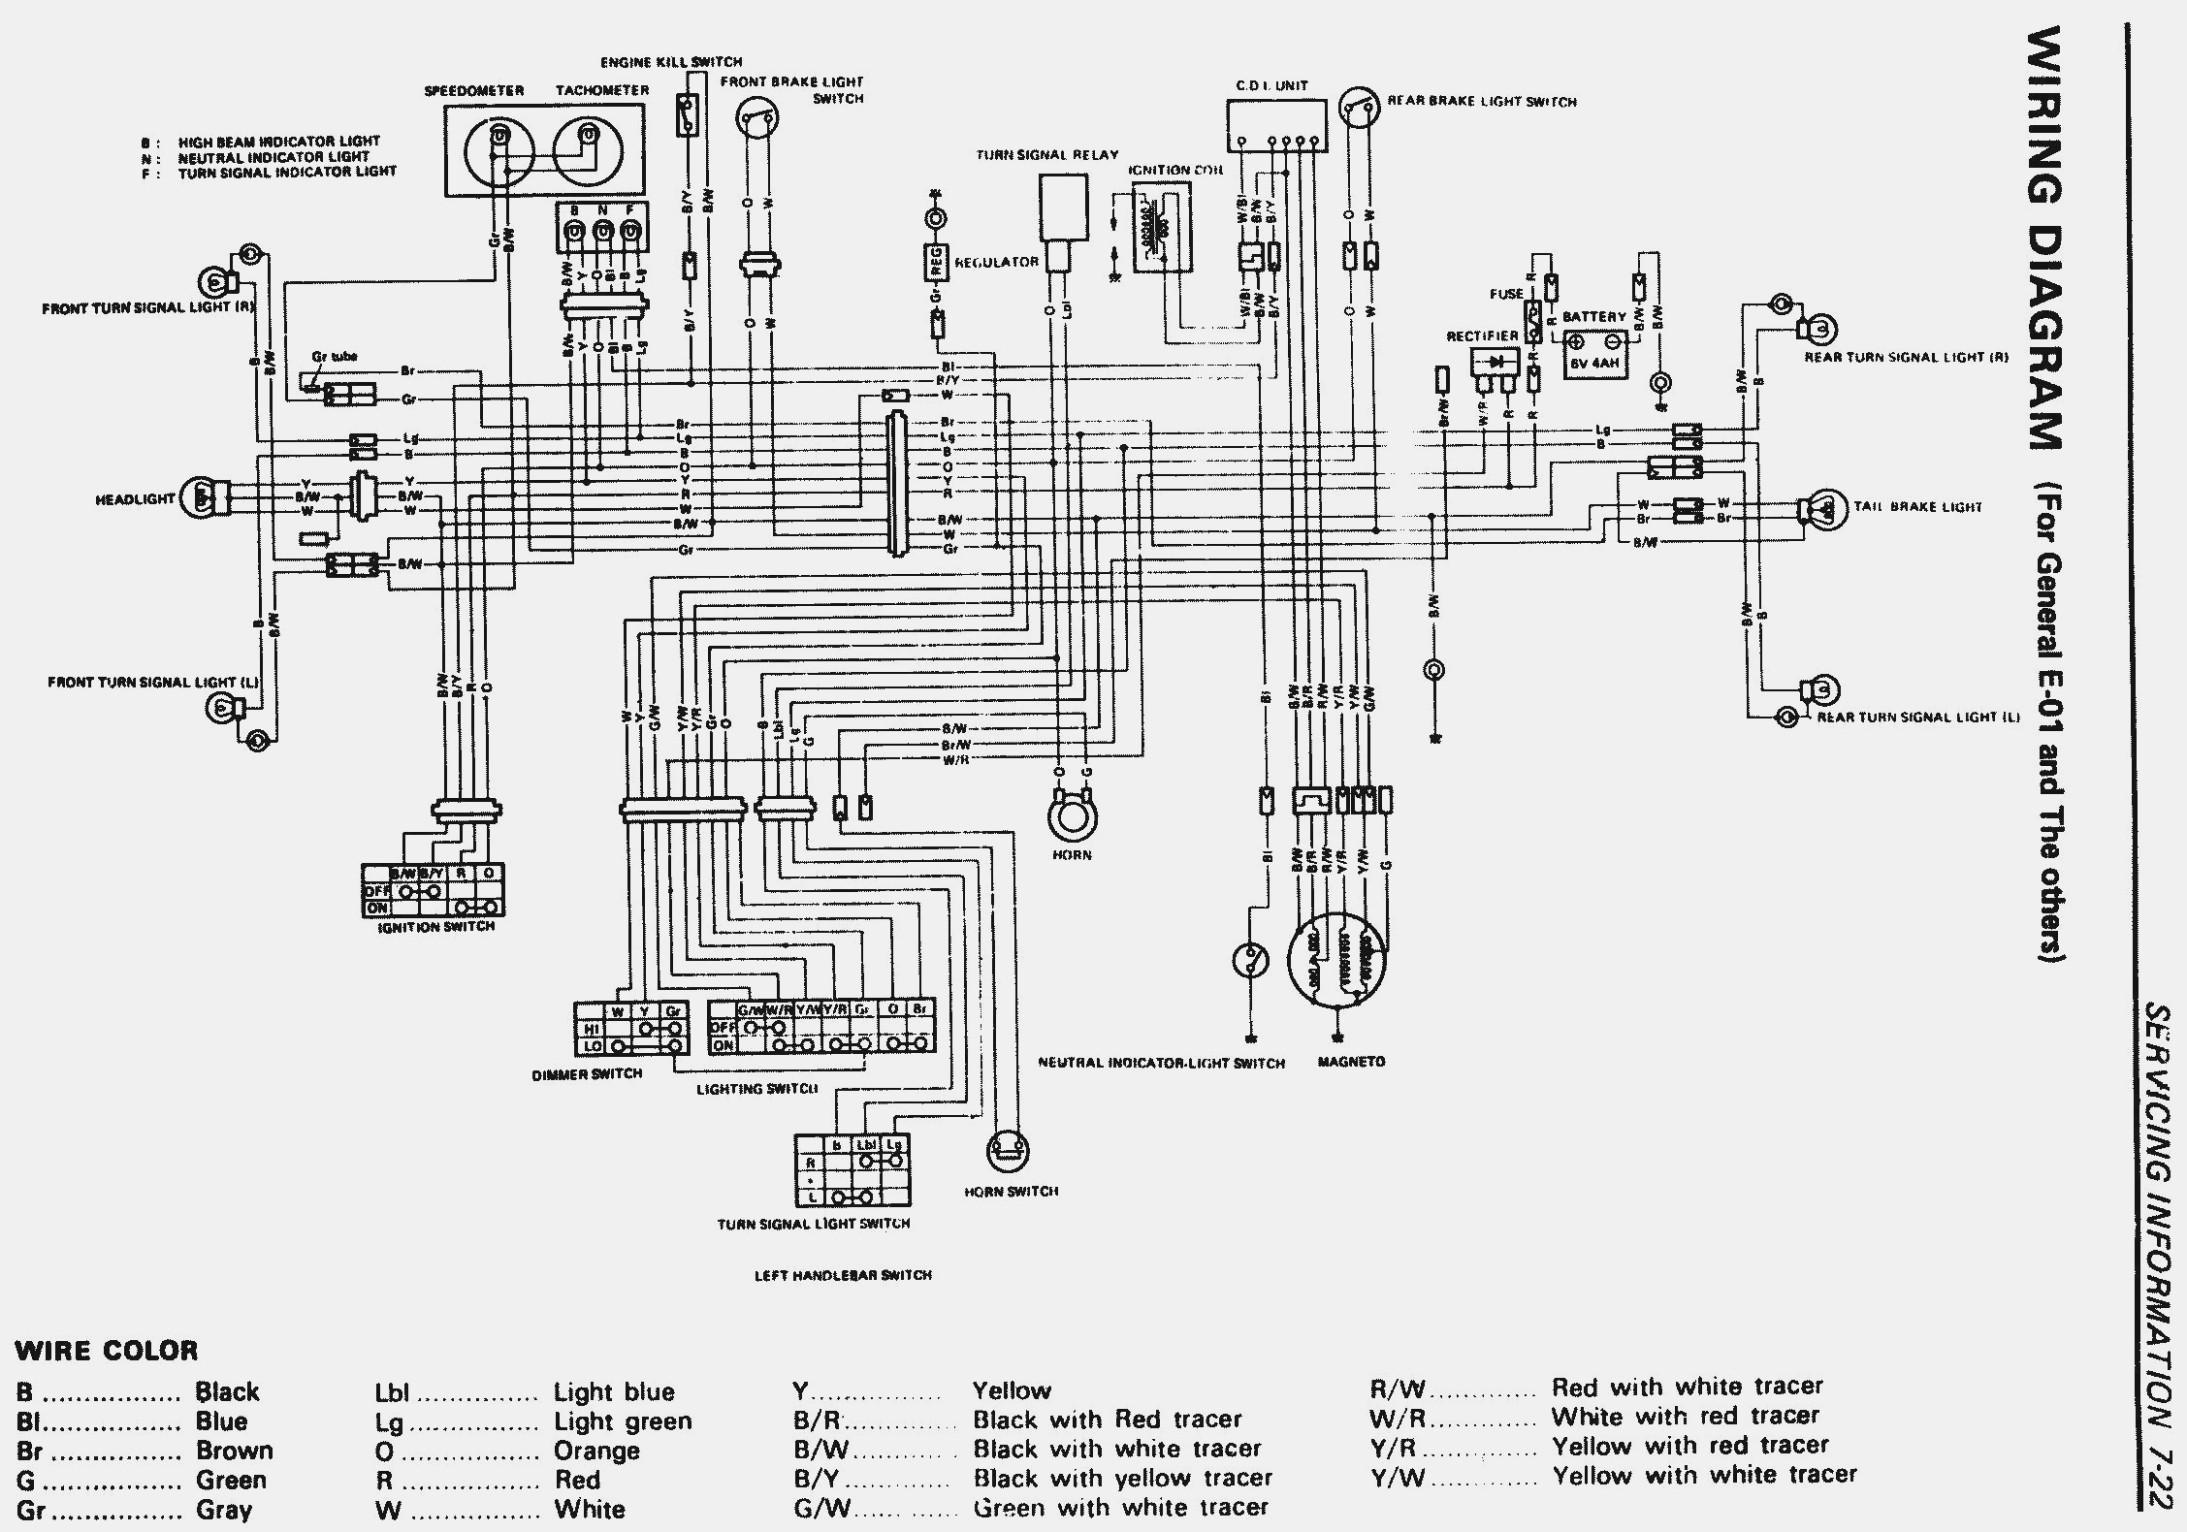 Suzuki King Quad 700 Wiring Schematic